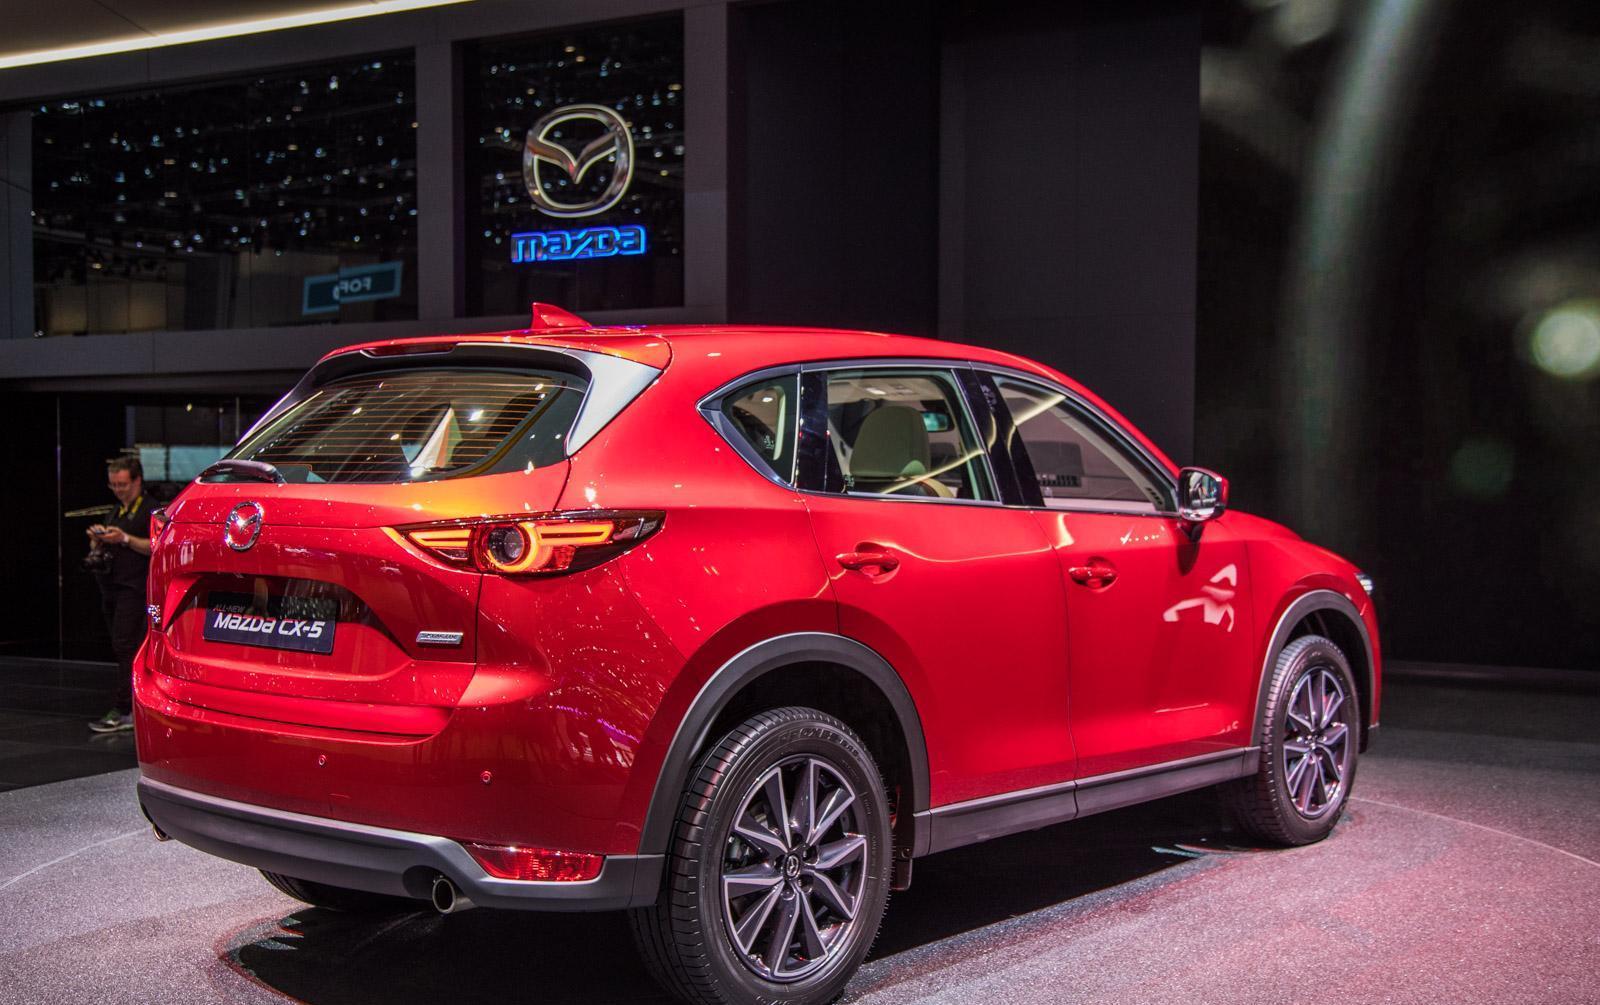 Mazda-CX-5-006